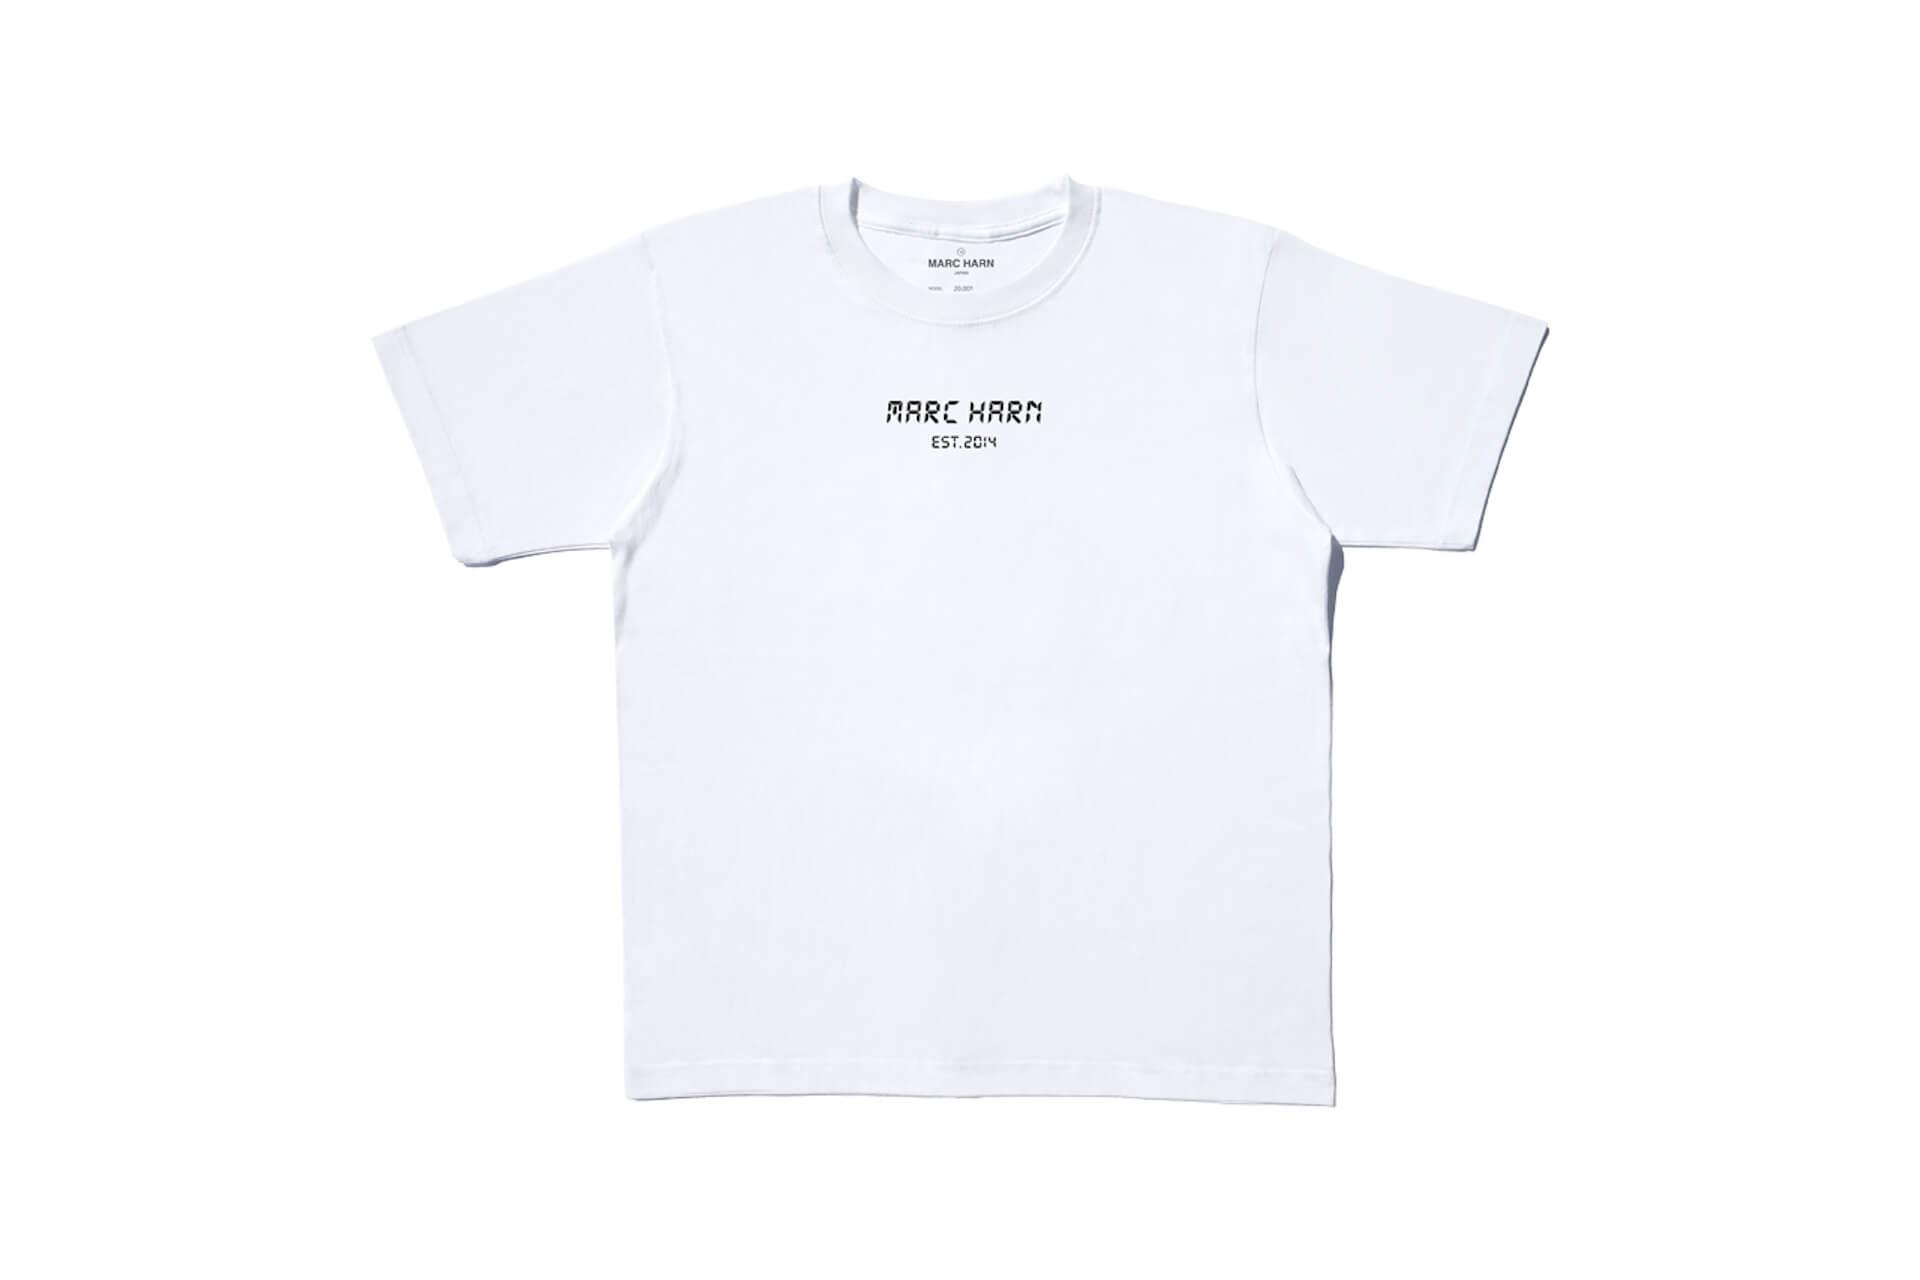 ファレル・ウィリアムス、VANSが認めたMASAの「MARC HARN」が新作の受注受付を開始!Tシャツやキャップなど12アイテム lf200618_marcharn_11